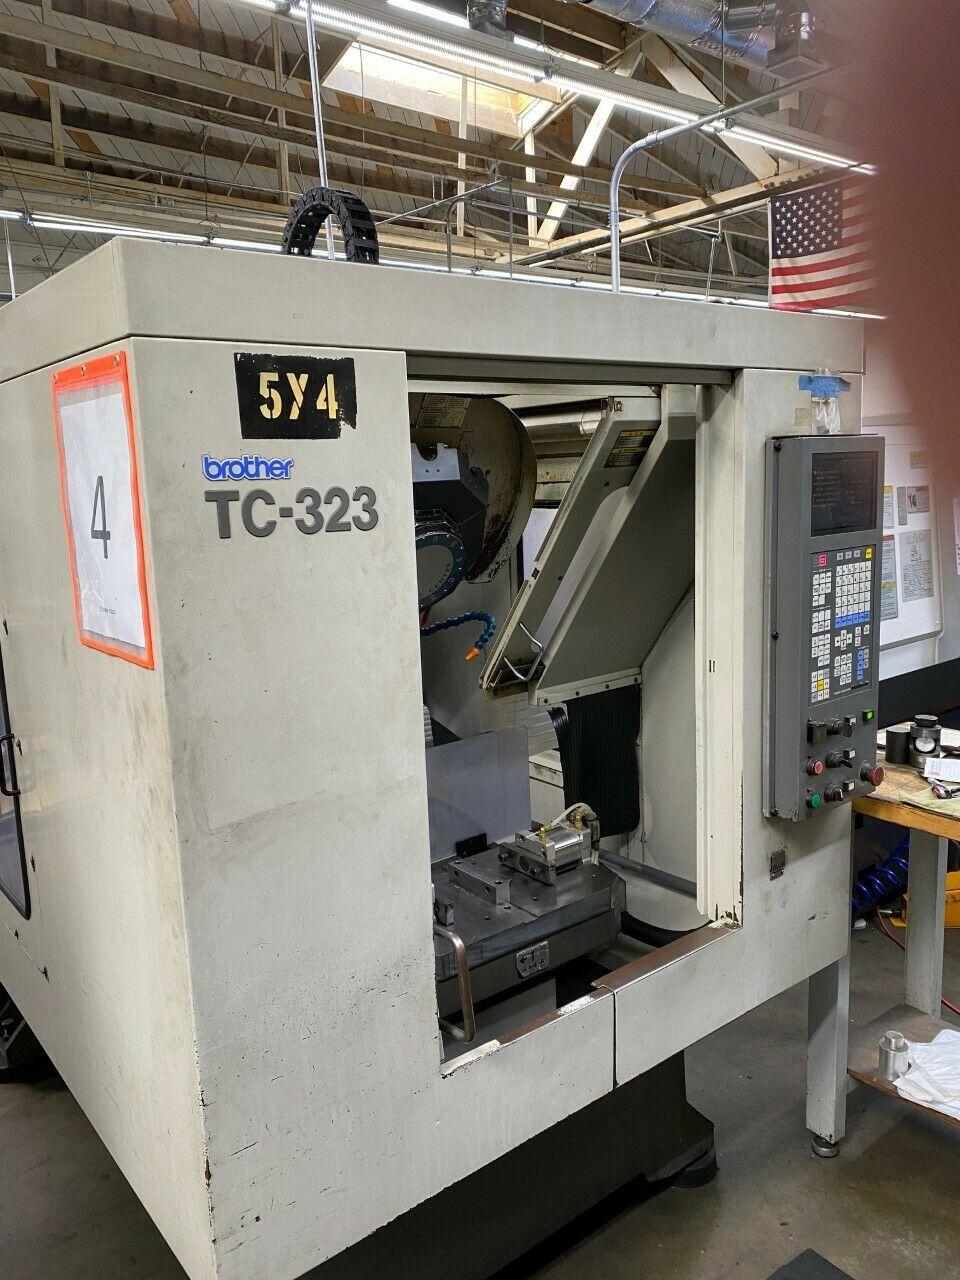 1999 BROTHER TC-323 DRILL & TAP MACHINE 10 ATC 16x12x10 10K rpms